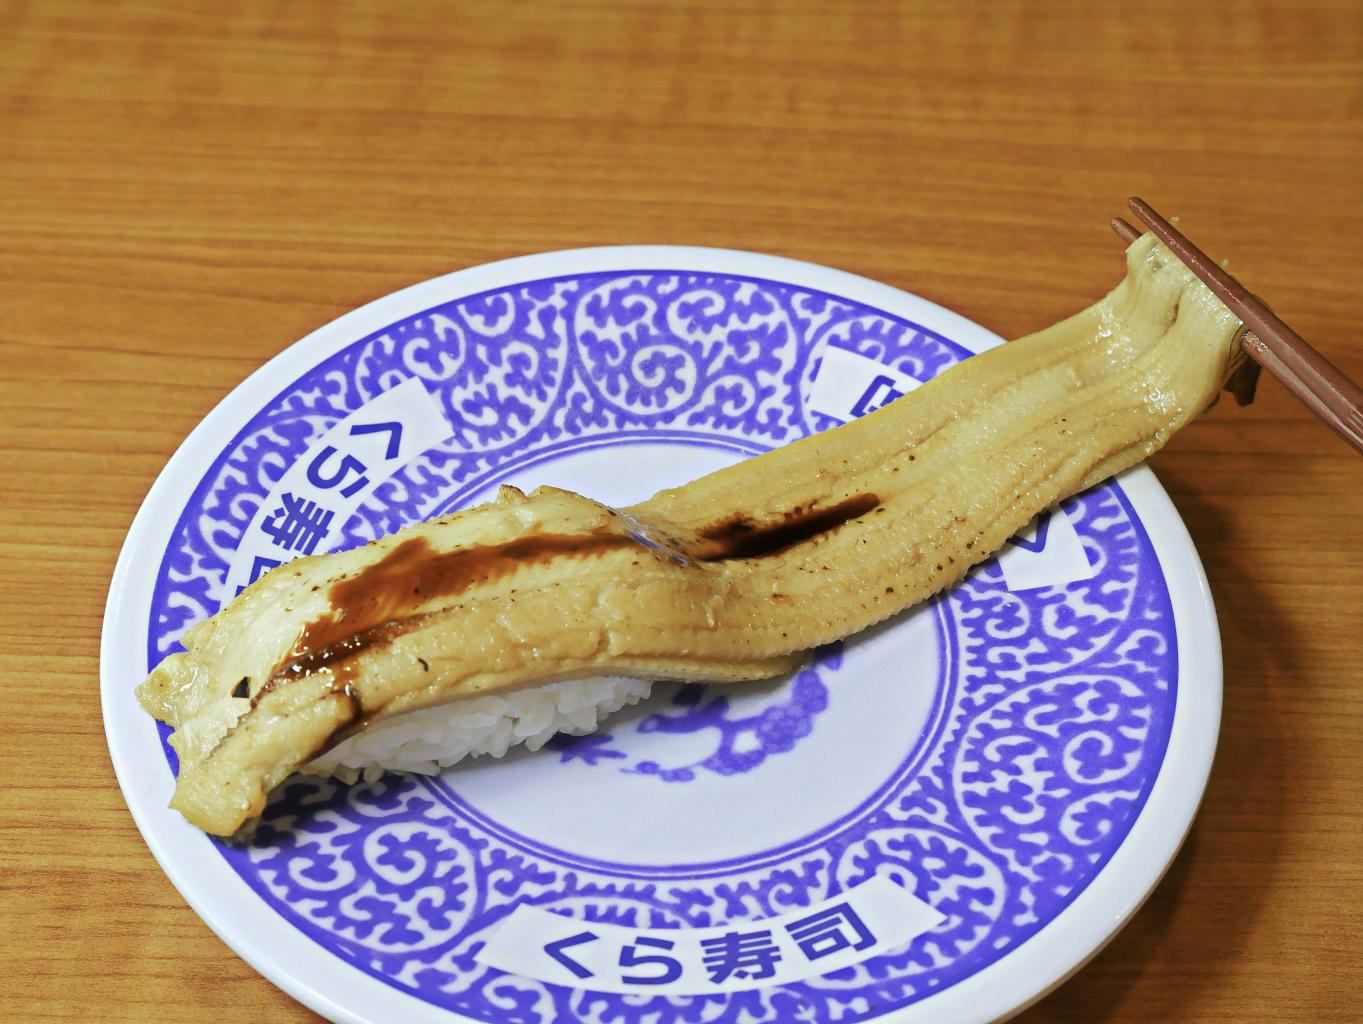 藏壽司,微風松高,拉拉熊-21.jpg